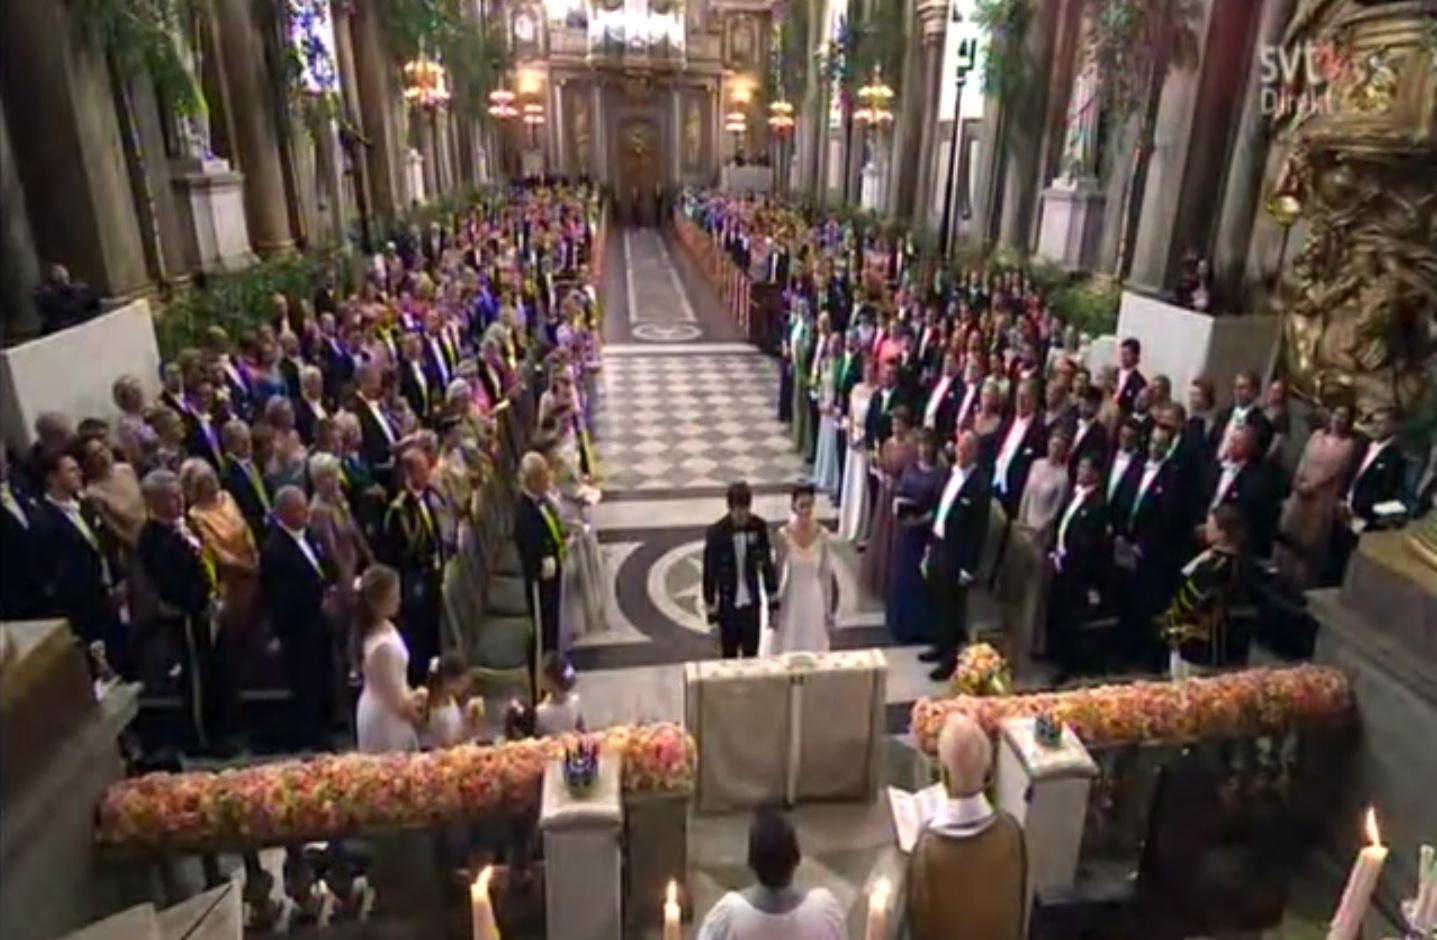 Свадьба принца Карла Филиппа и София Хэллквист